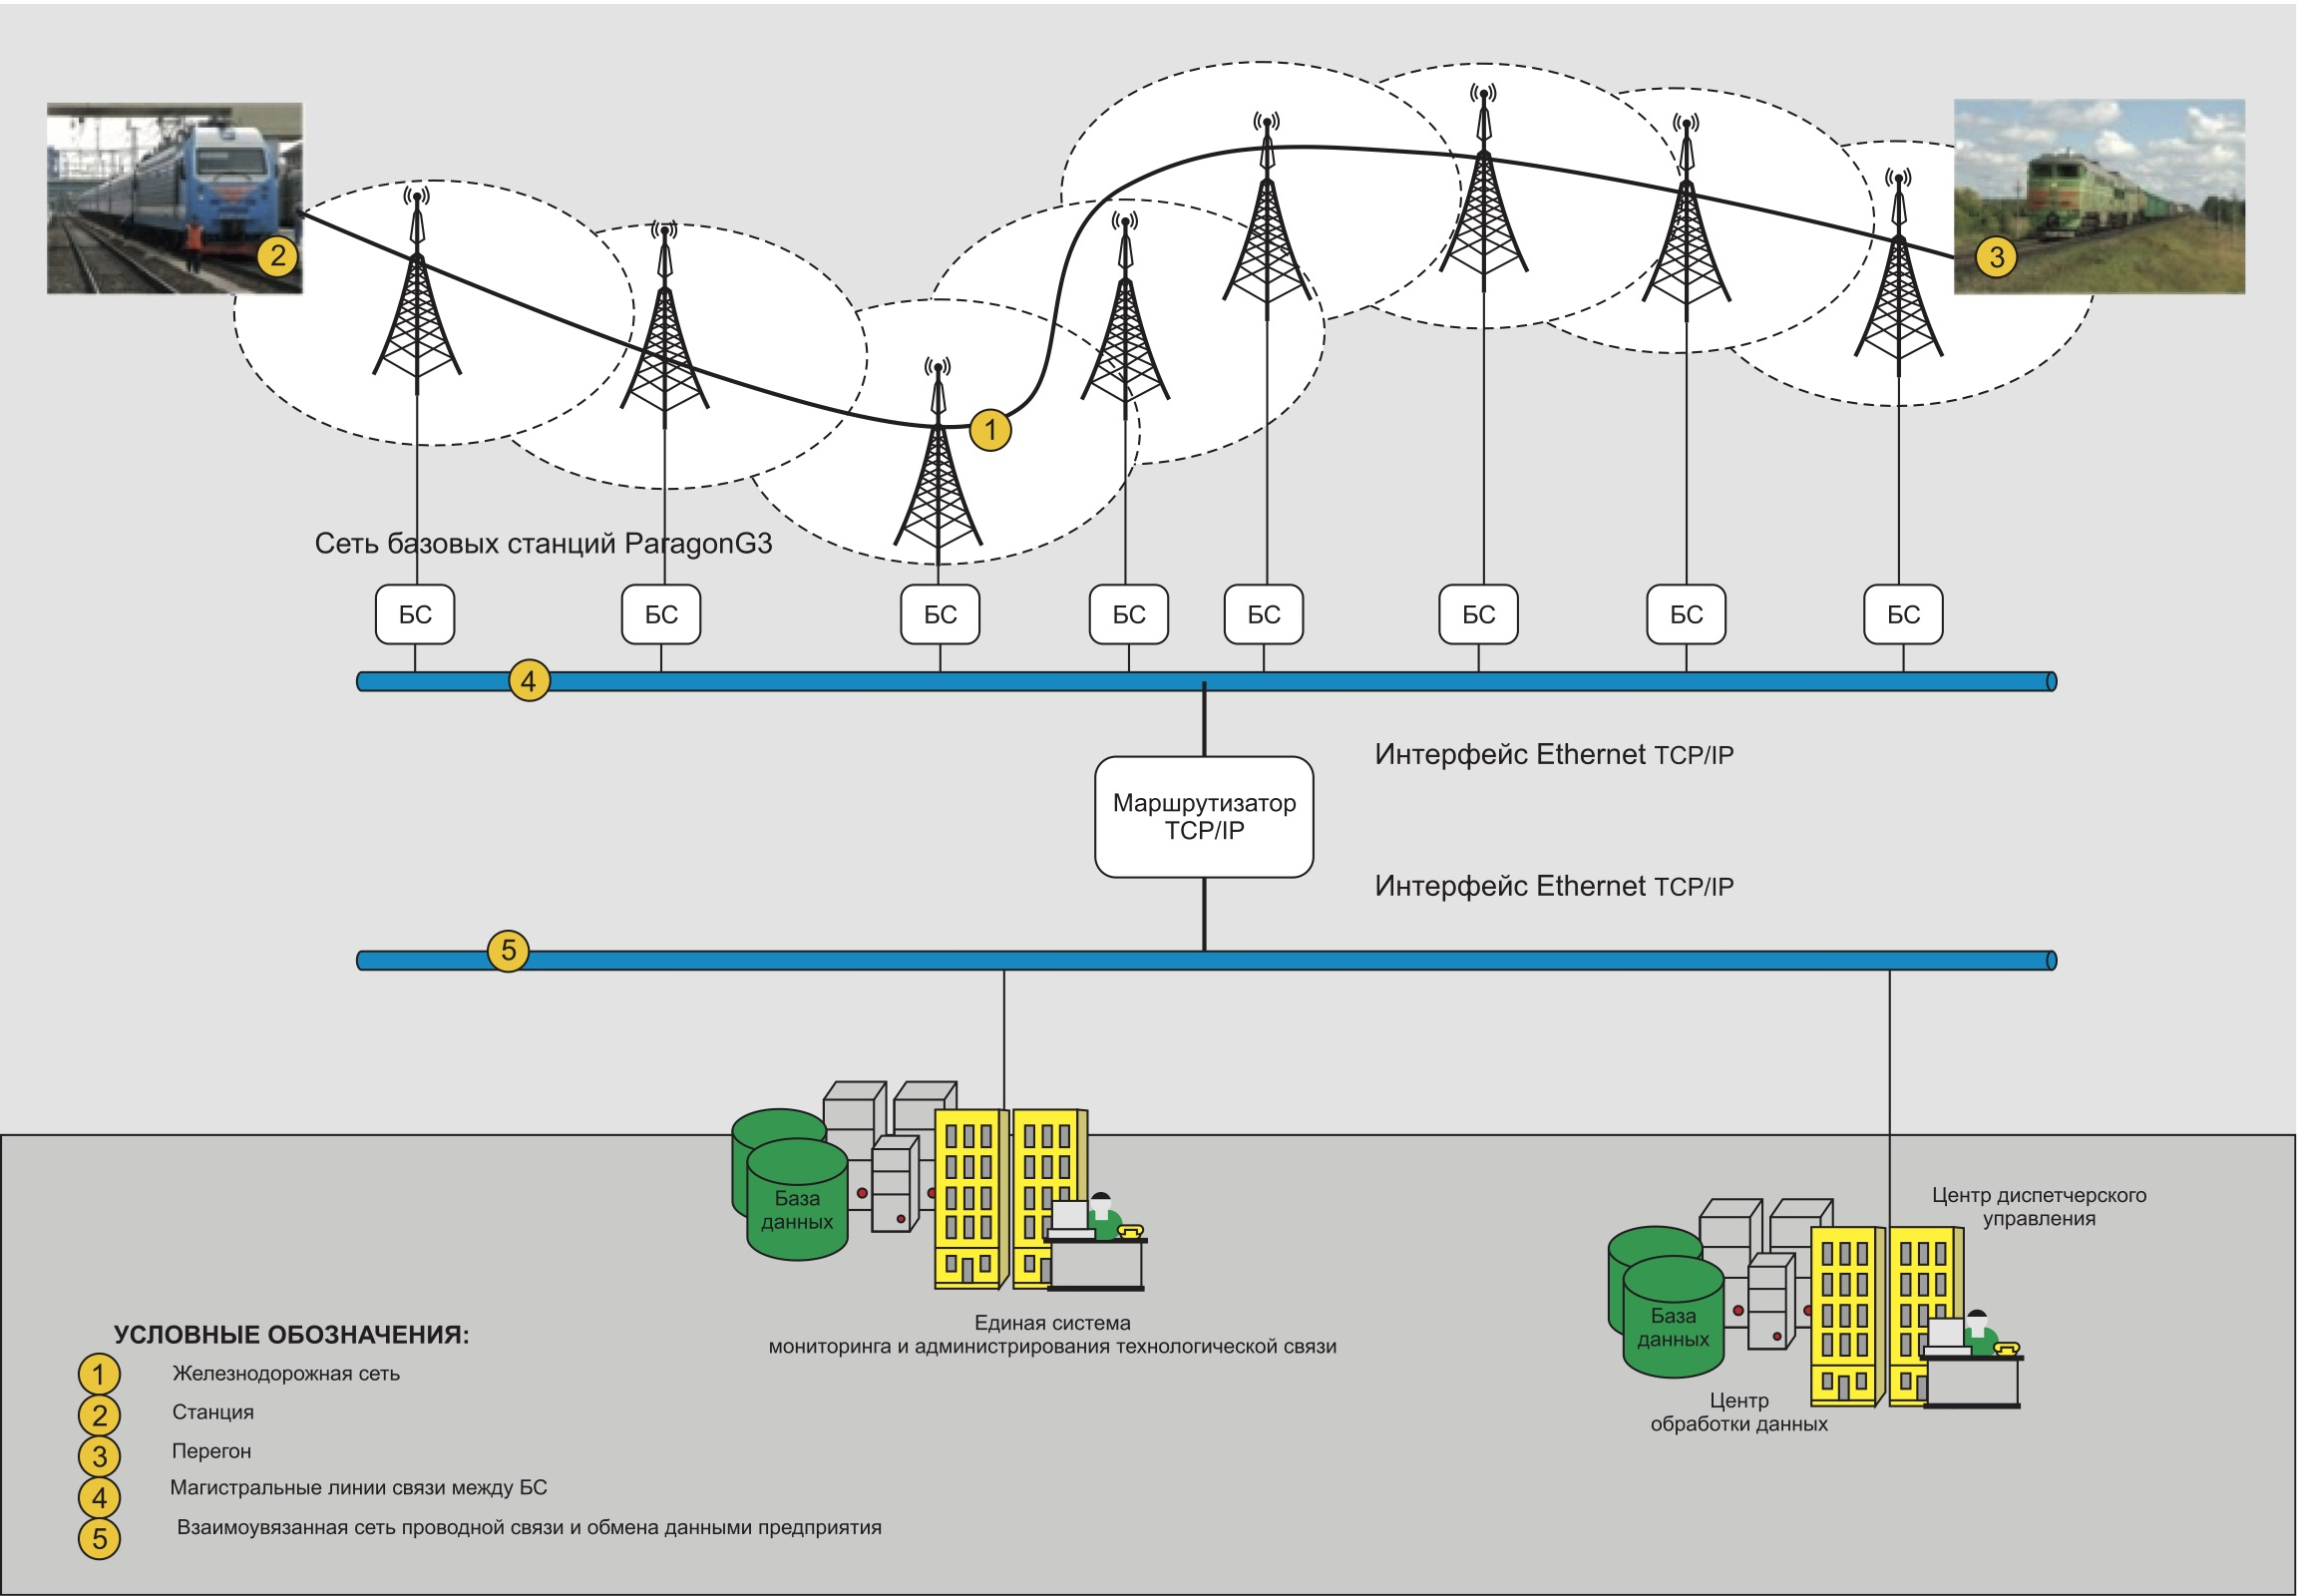 Типовая схема конвенциональной радиосети обмена данными на ж/д транспорте с использованием оборудования ParagonG4/GeminiG3